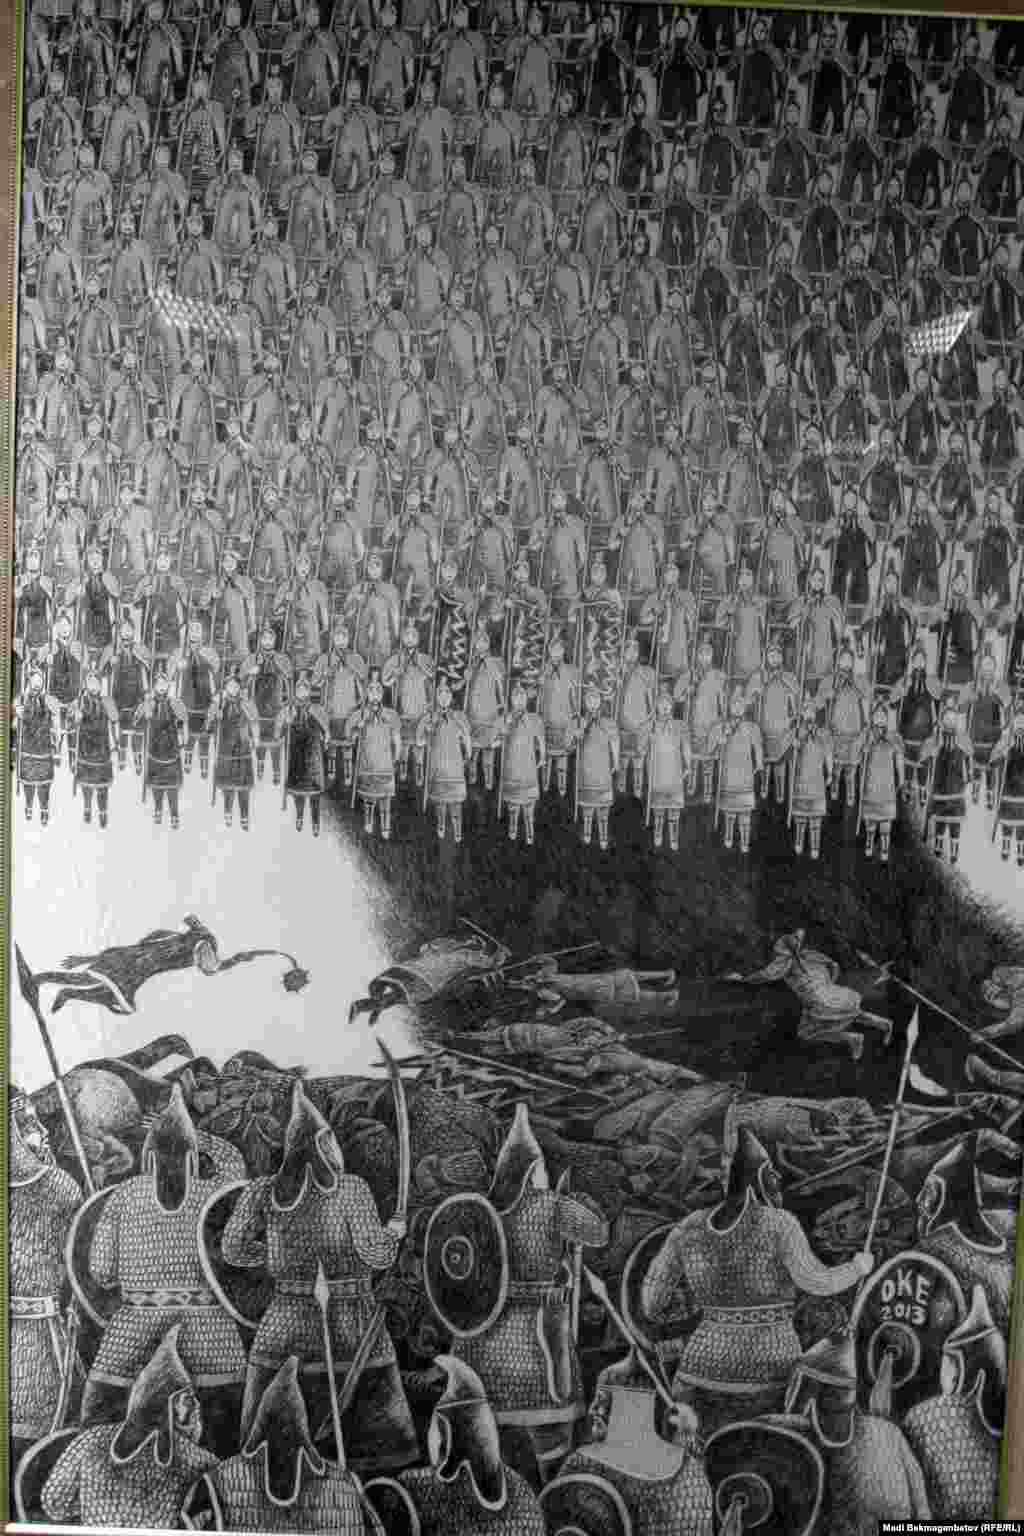 """Қазақ хандығының 550 жылдығына арналған көрмедегі О. Есенбаевтың """"Басқыншылық"""" картинасы. Астана, 17 қыркүйек 2015 жыл."""